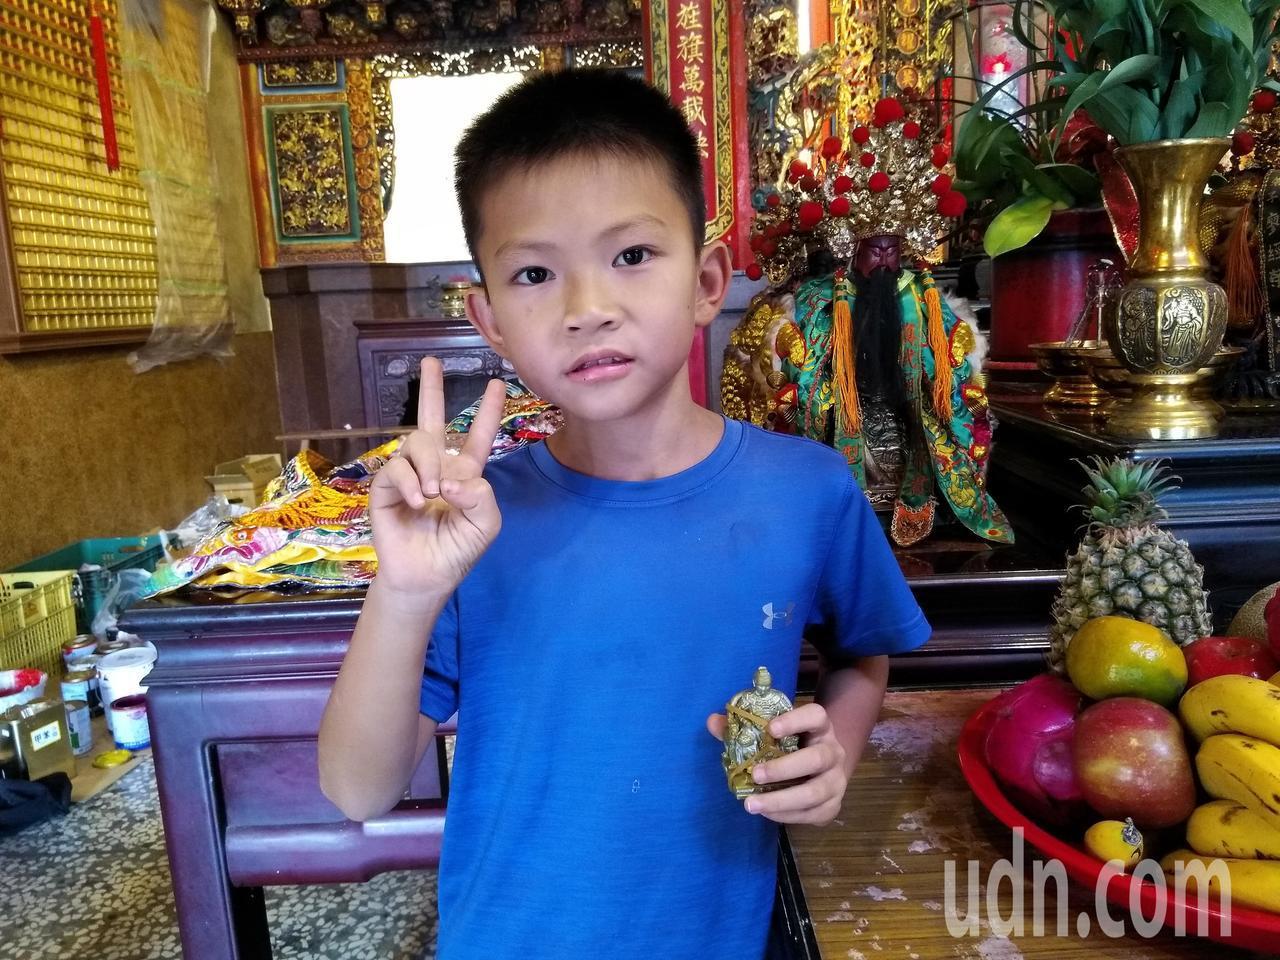 廟宇彩繪師張訓造弟弟的兒子對廟宇彩繪也有興趣,讓張訓造想起自己小時候的模樣。記者...